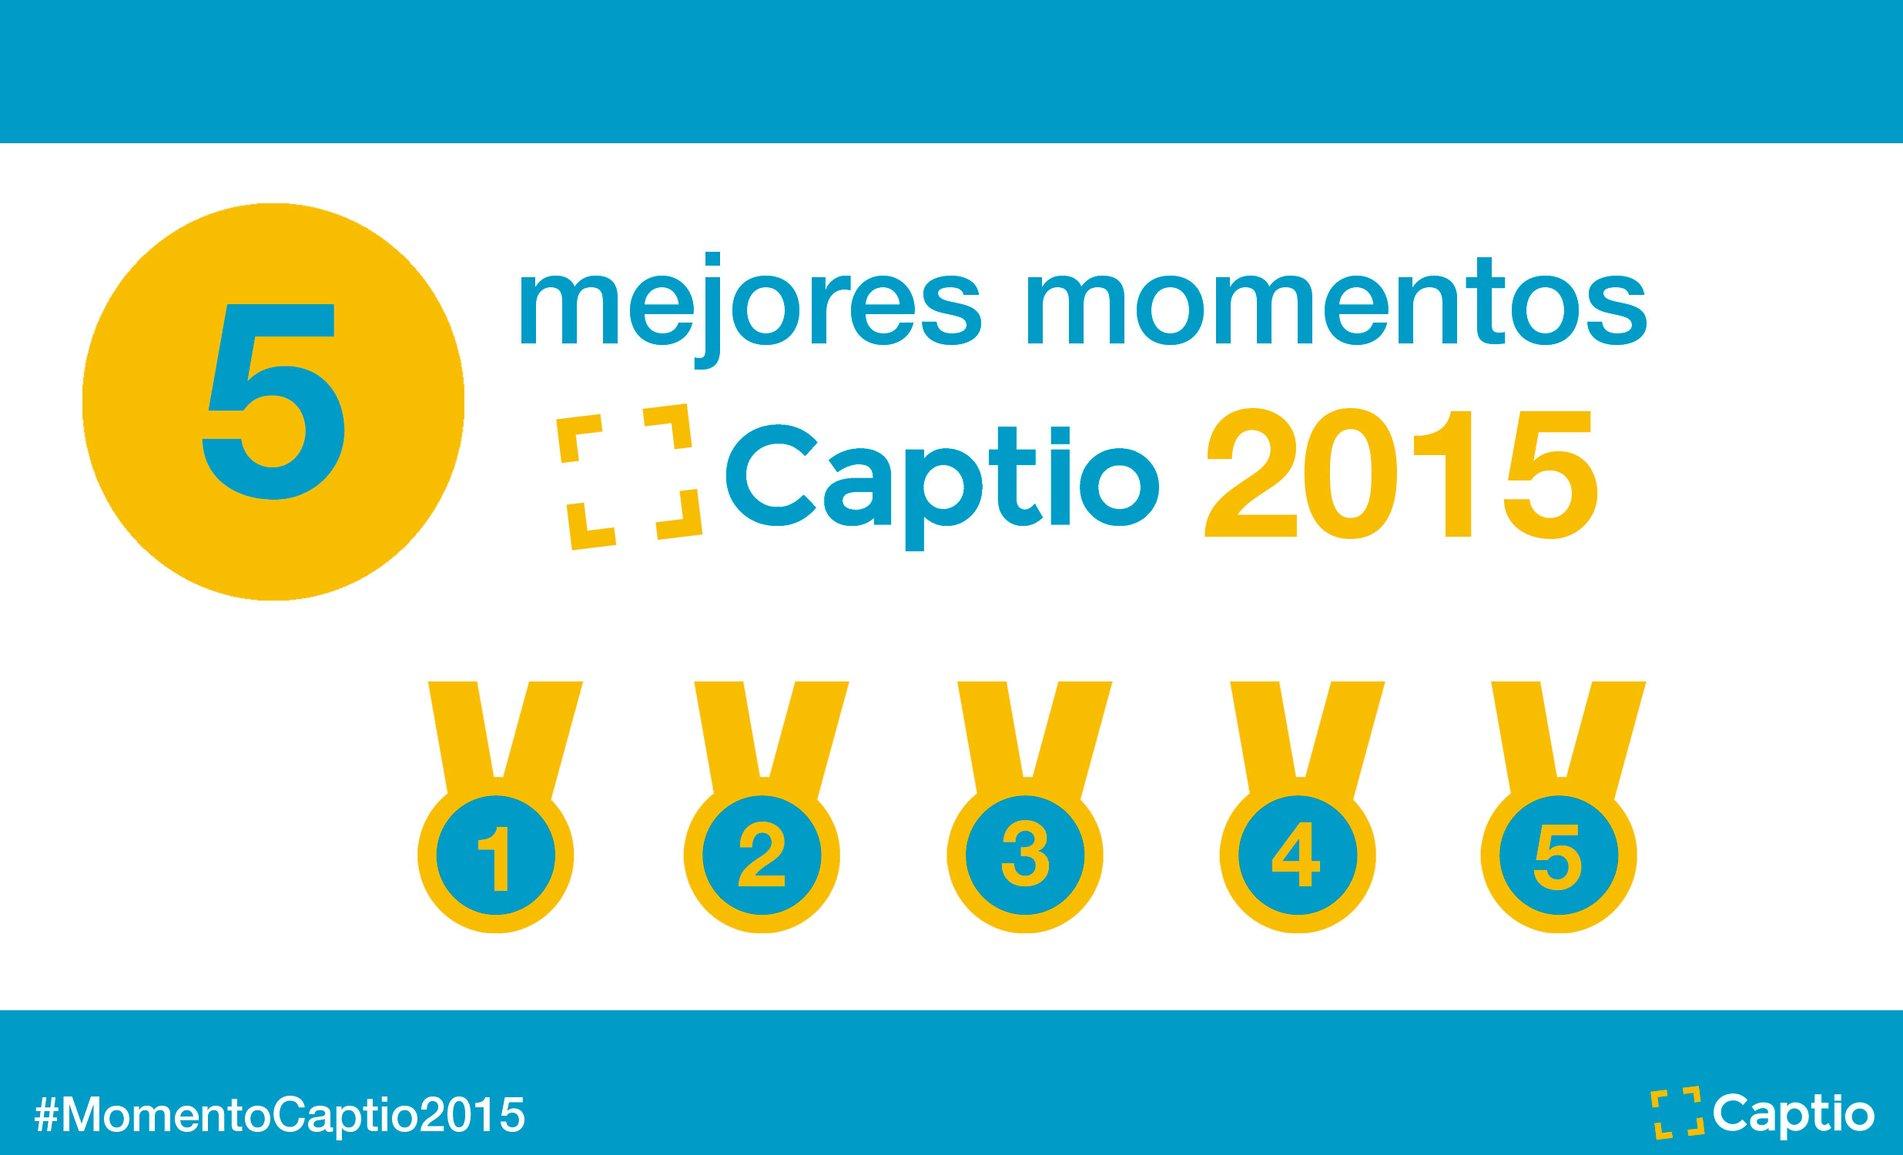 momentoCaptio2015.jpg